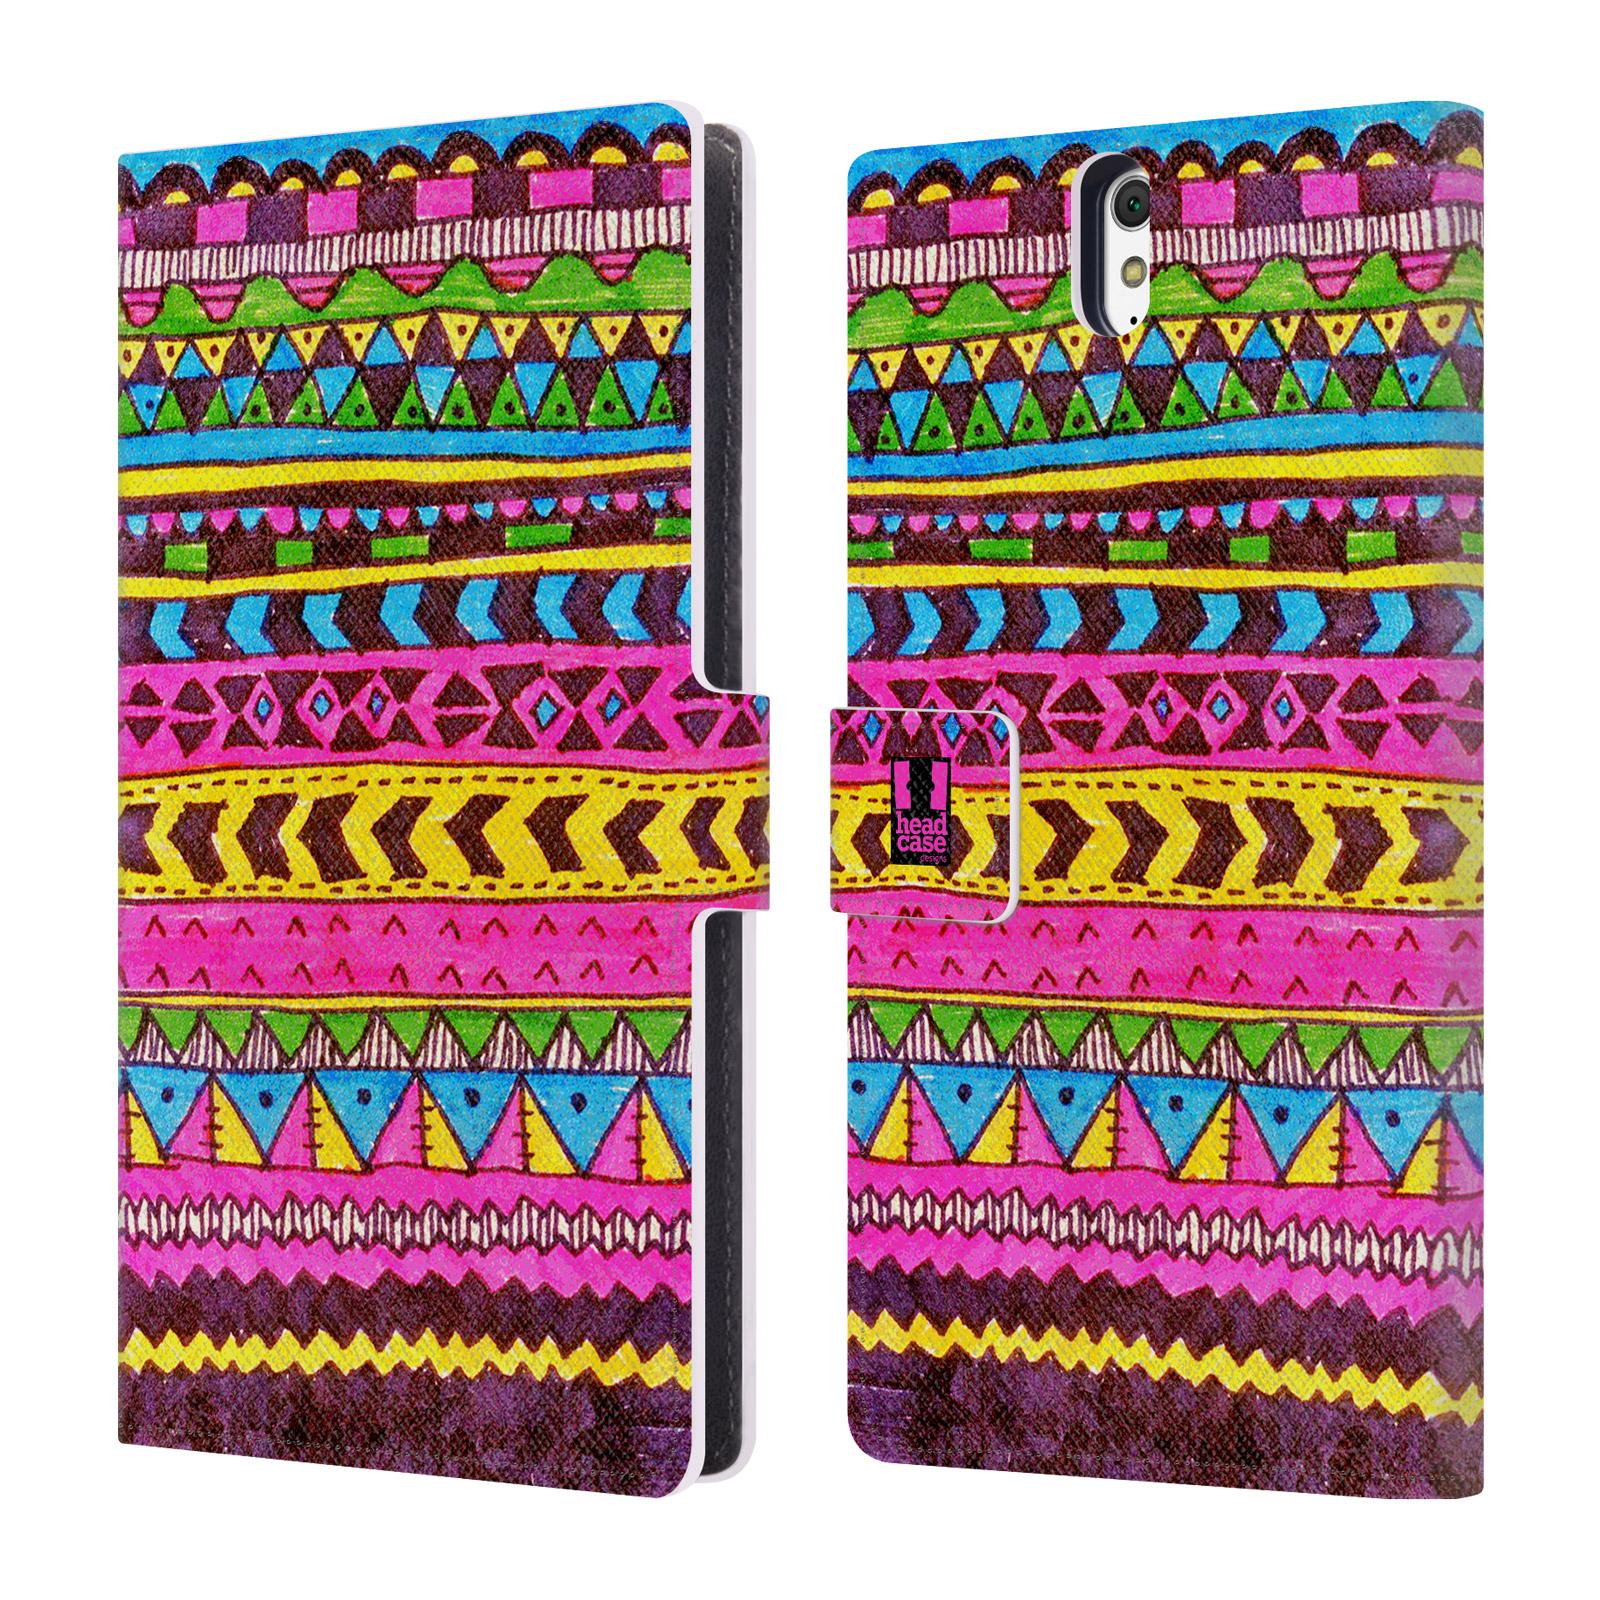 HEAD CASE Flipové pouzdro pro mobil SONY XPERIA C5 Ultra Barevná aztécká čmáranice růžová